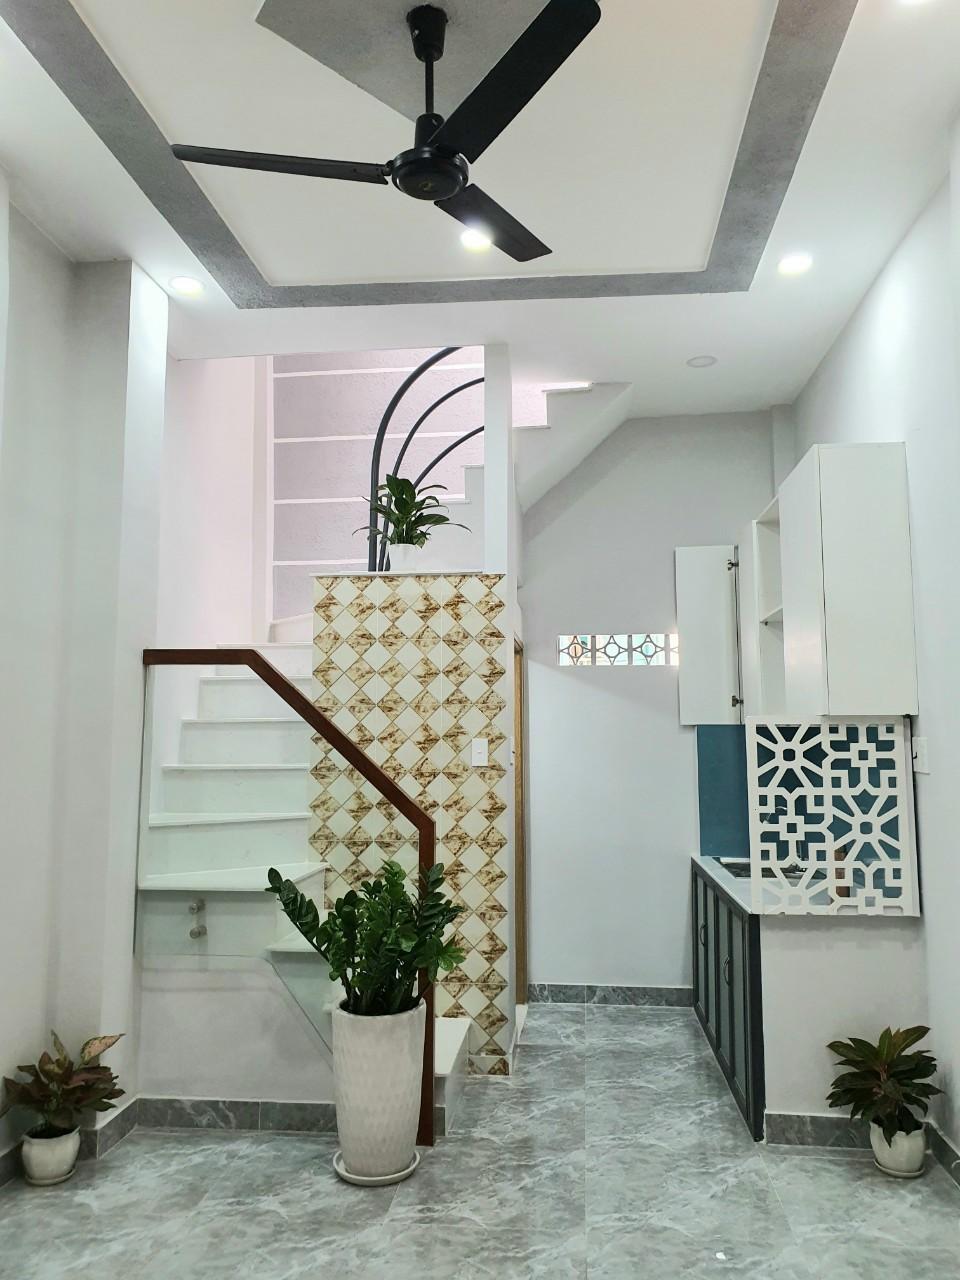 Bán nhà hẻm 125 Nguyễn Thị Tần phường 1 Quận 8 giá 2 tỷ 080